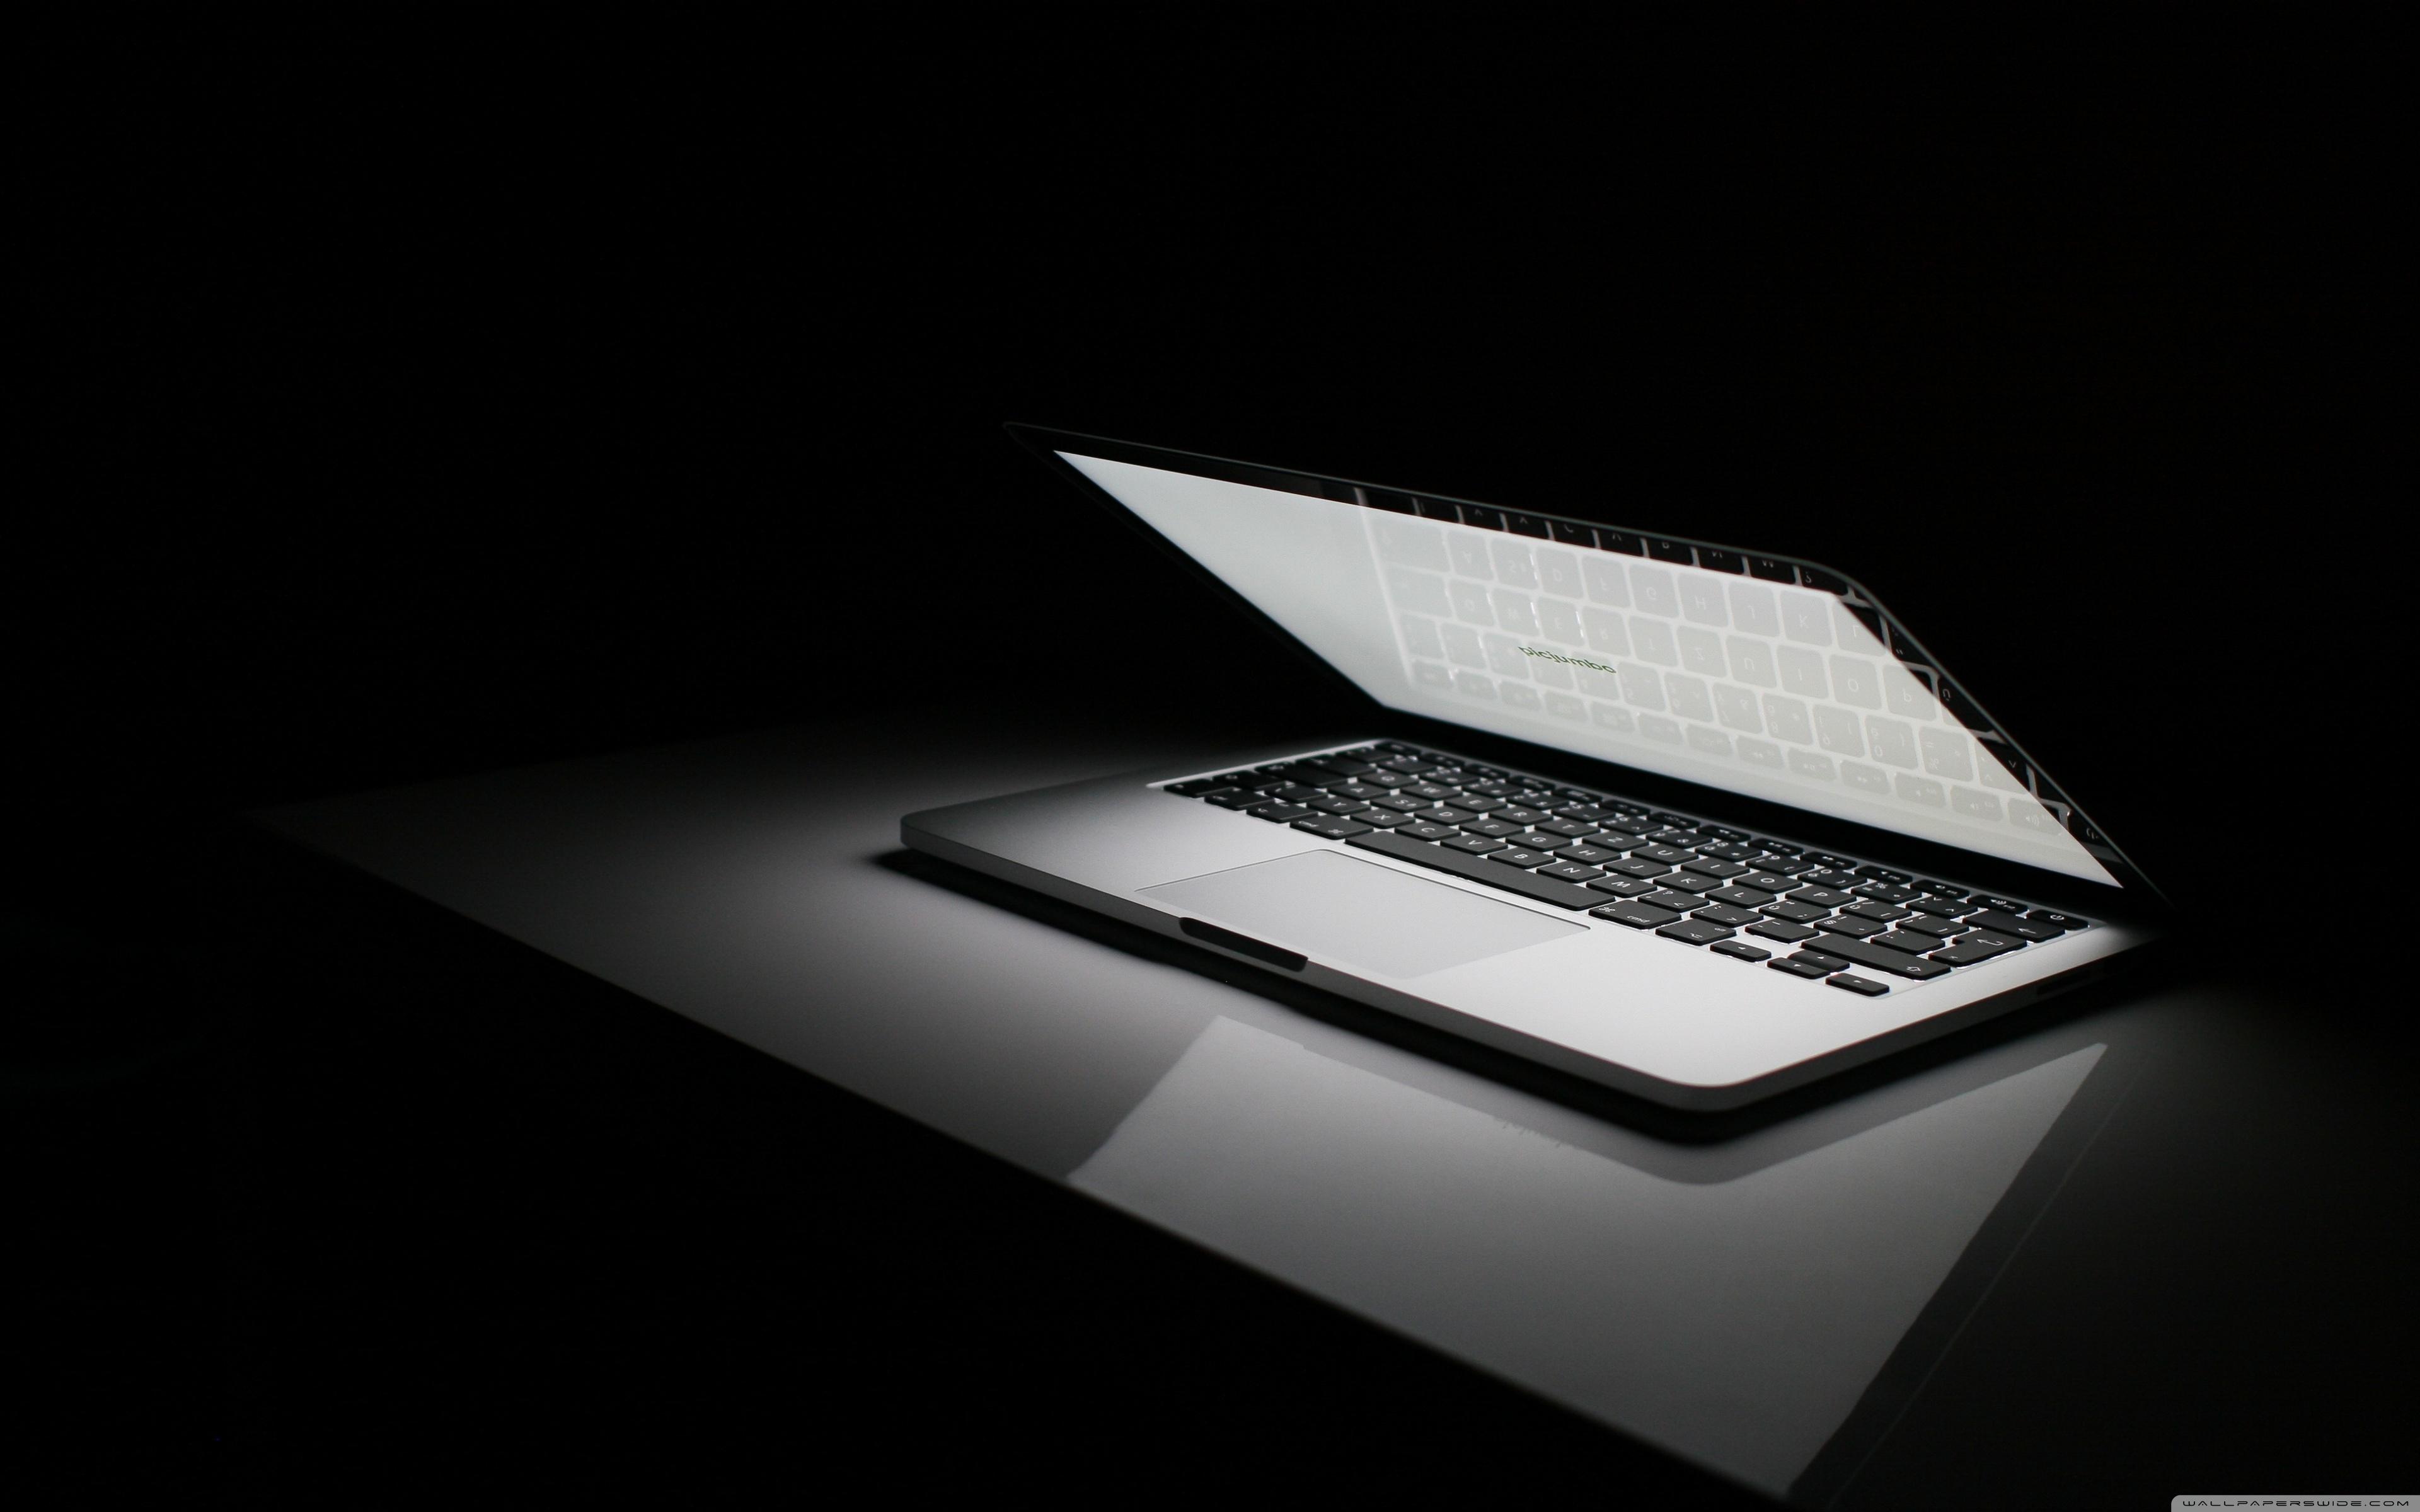 laptop ❤ 4k hd desktop wallpaper for 4k ultra hd tv • wide & ultra